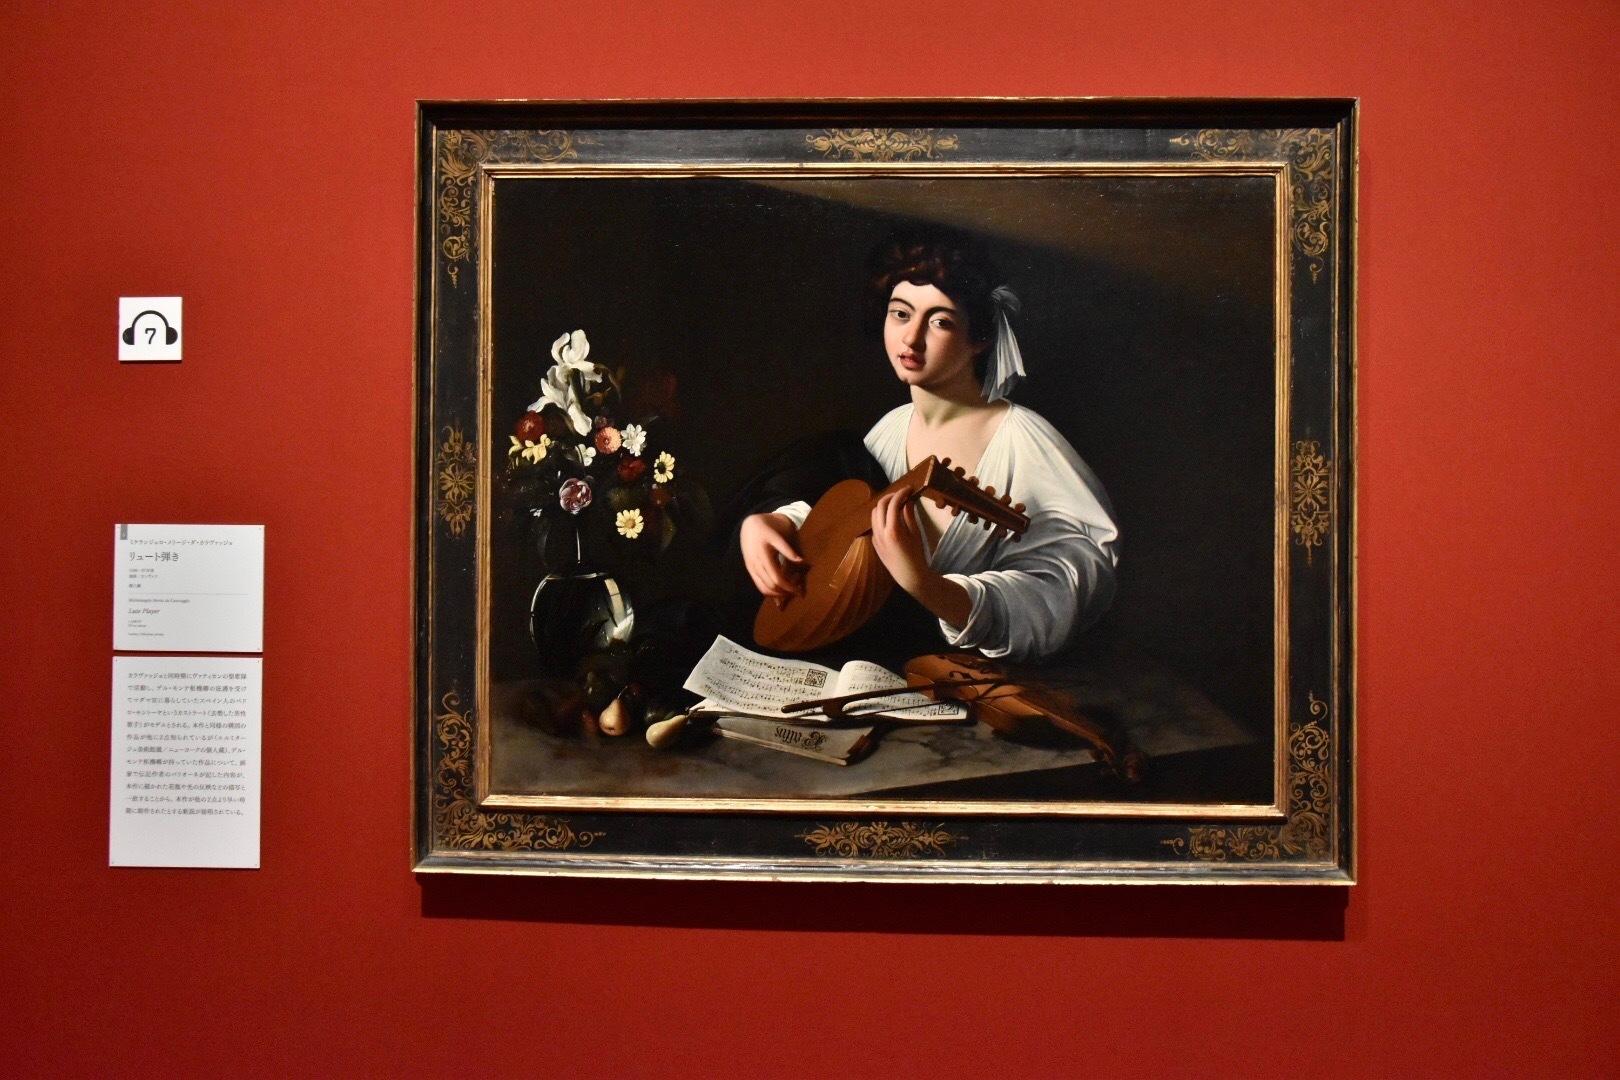 ミケランジェロ・メリージ・ダ・カラヴァッジョ《リュート弾き》1596-97年頃(個人蔵)